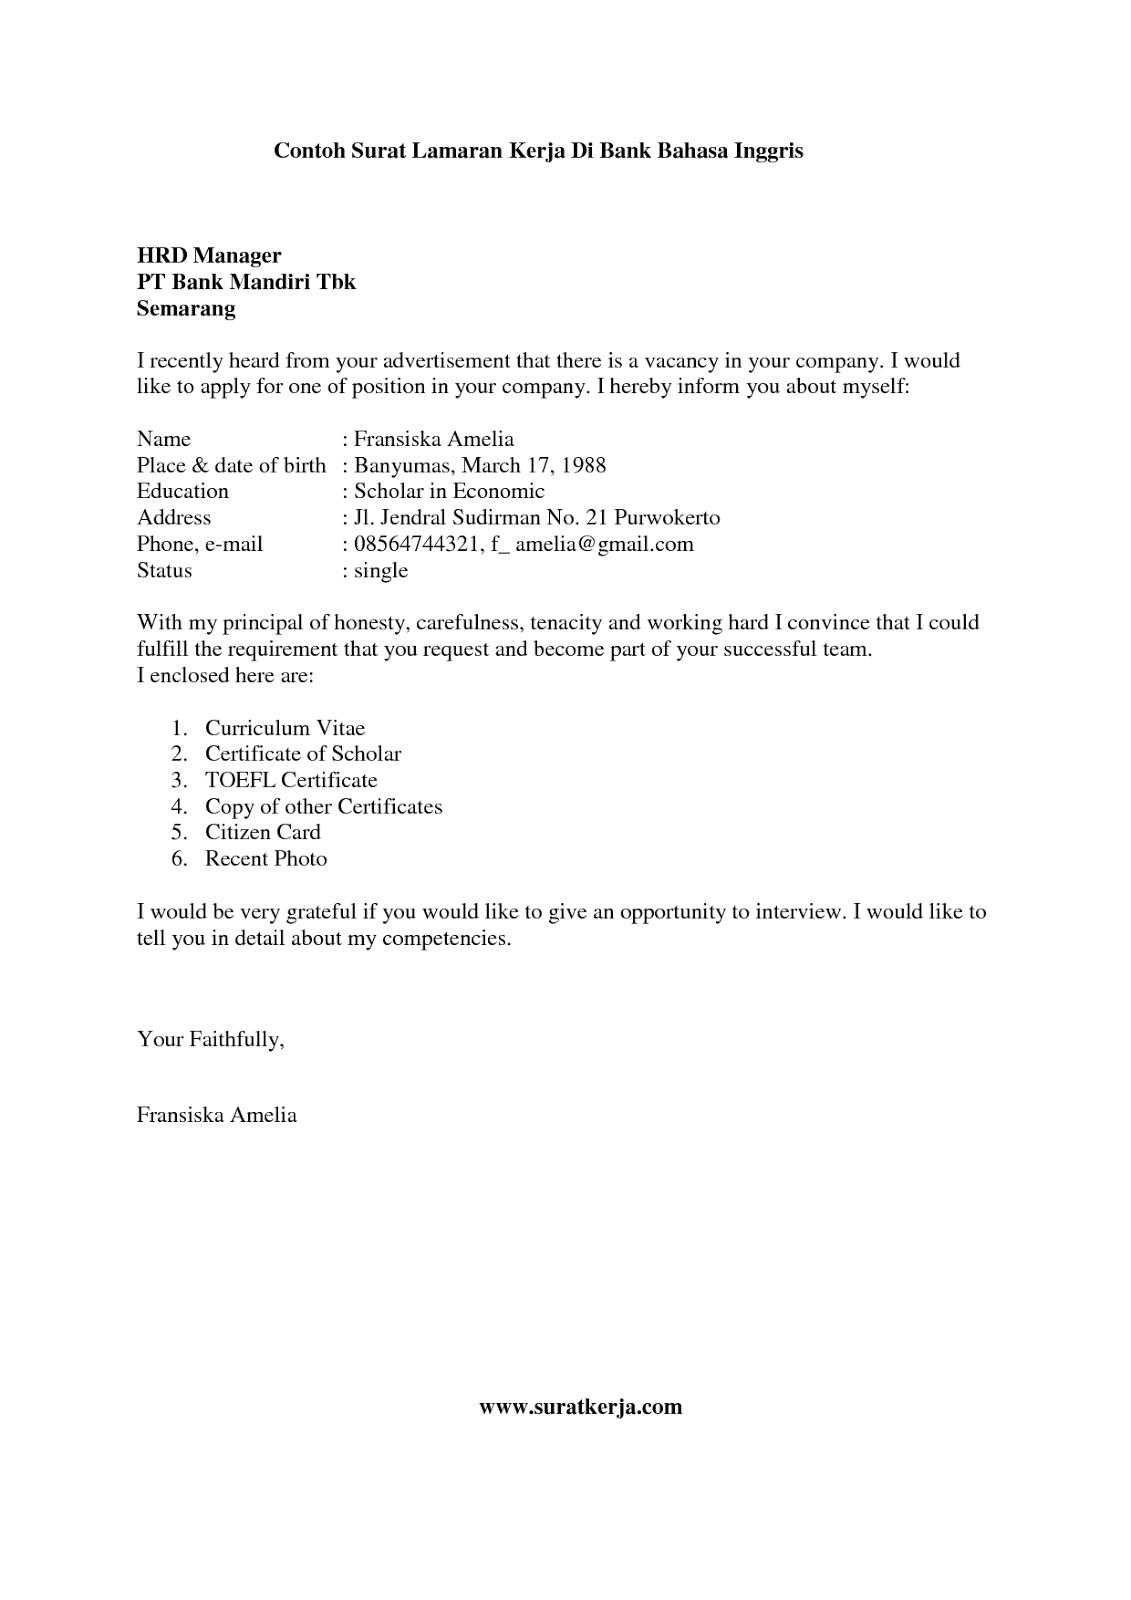 Contoh Surat Lamaran Kerja Bahasa Inggris yang Baik ...